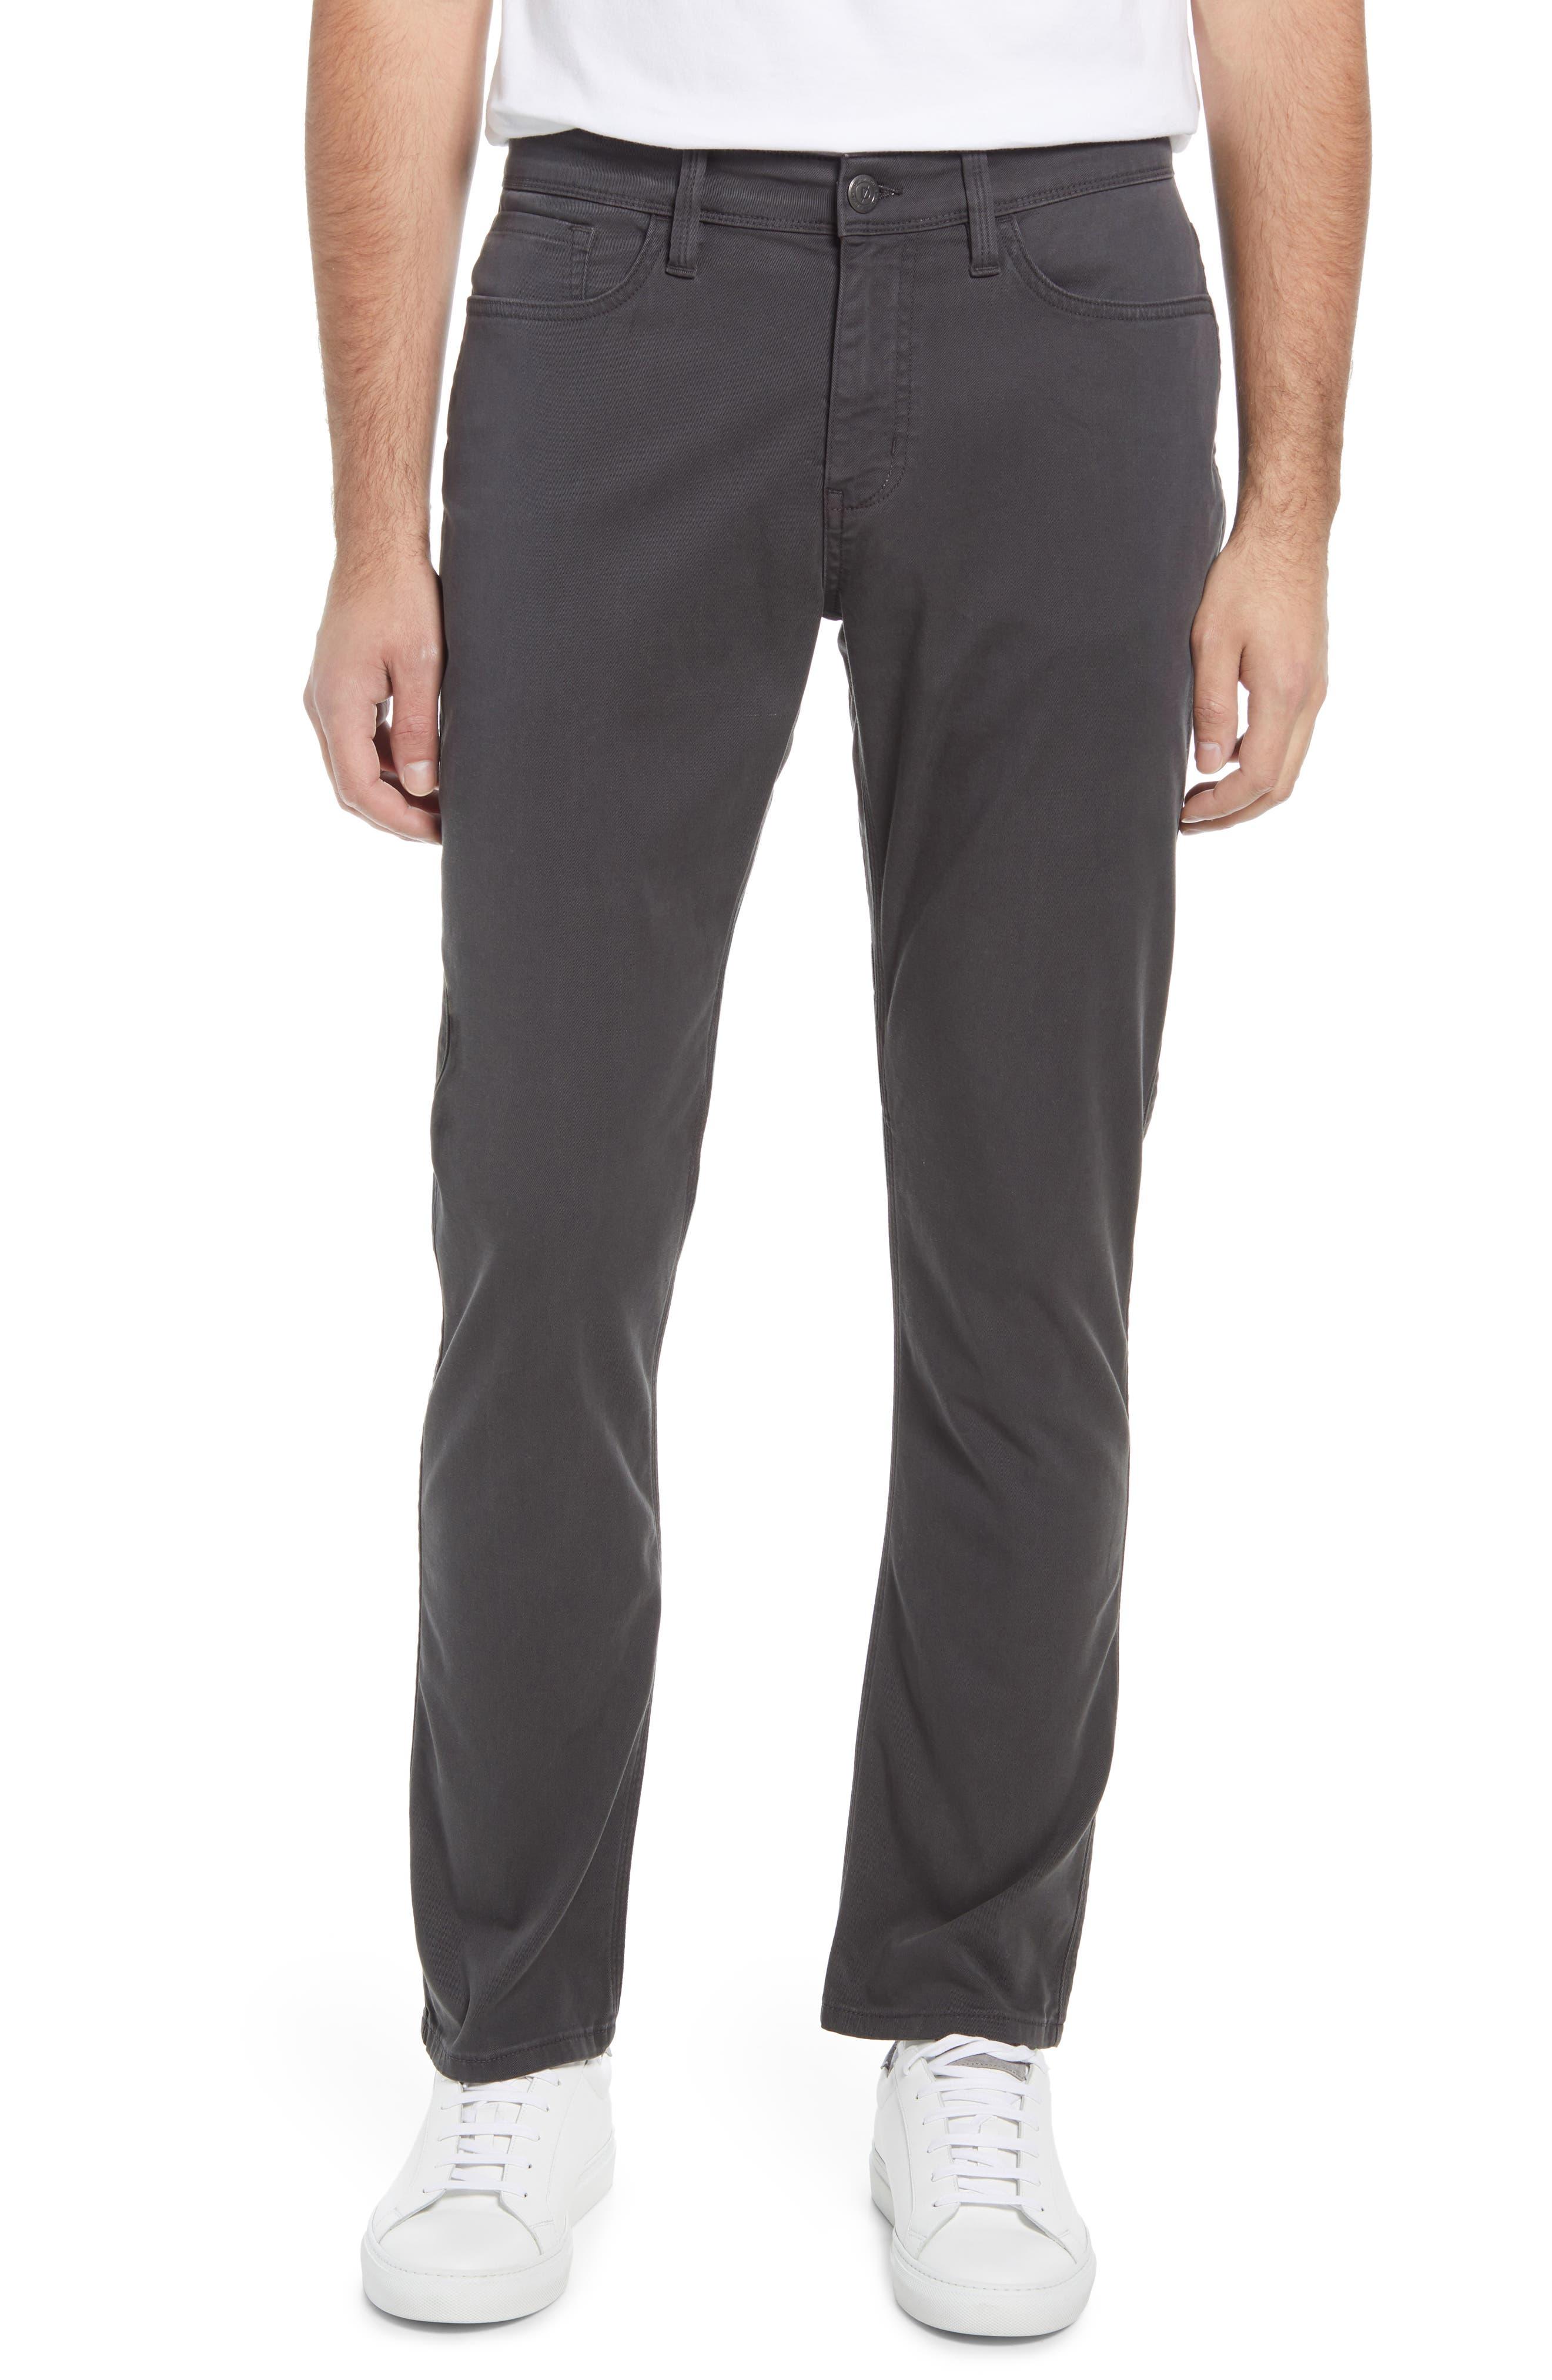 Men's Live Lite Tapered Fit Five Pocket Pants